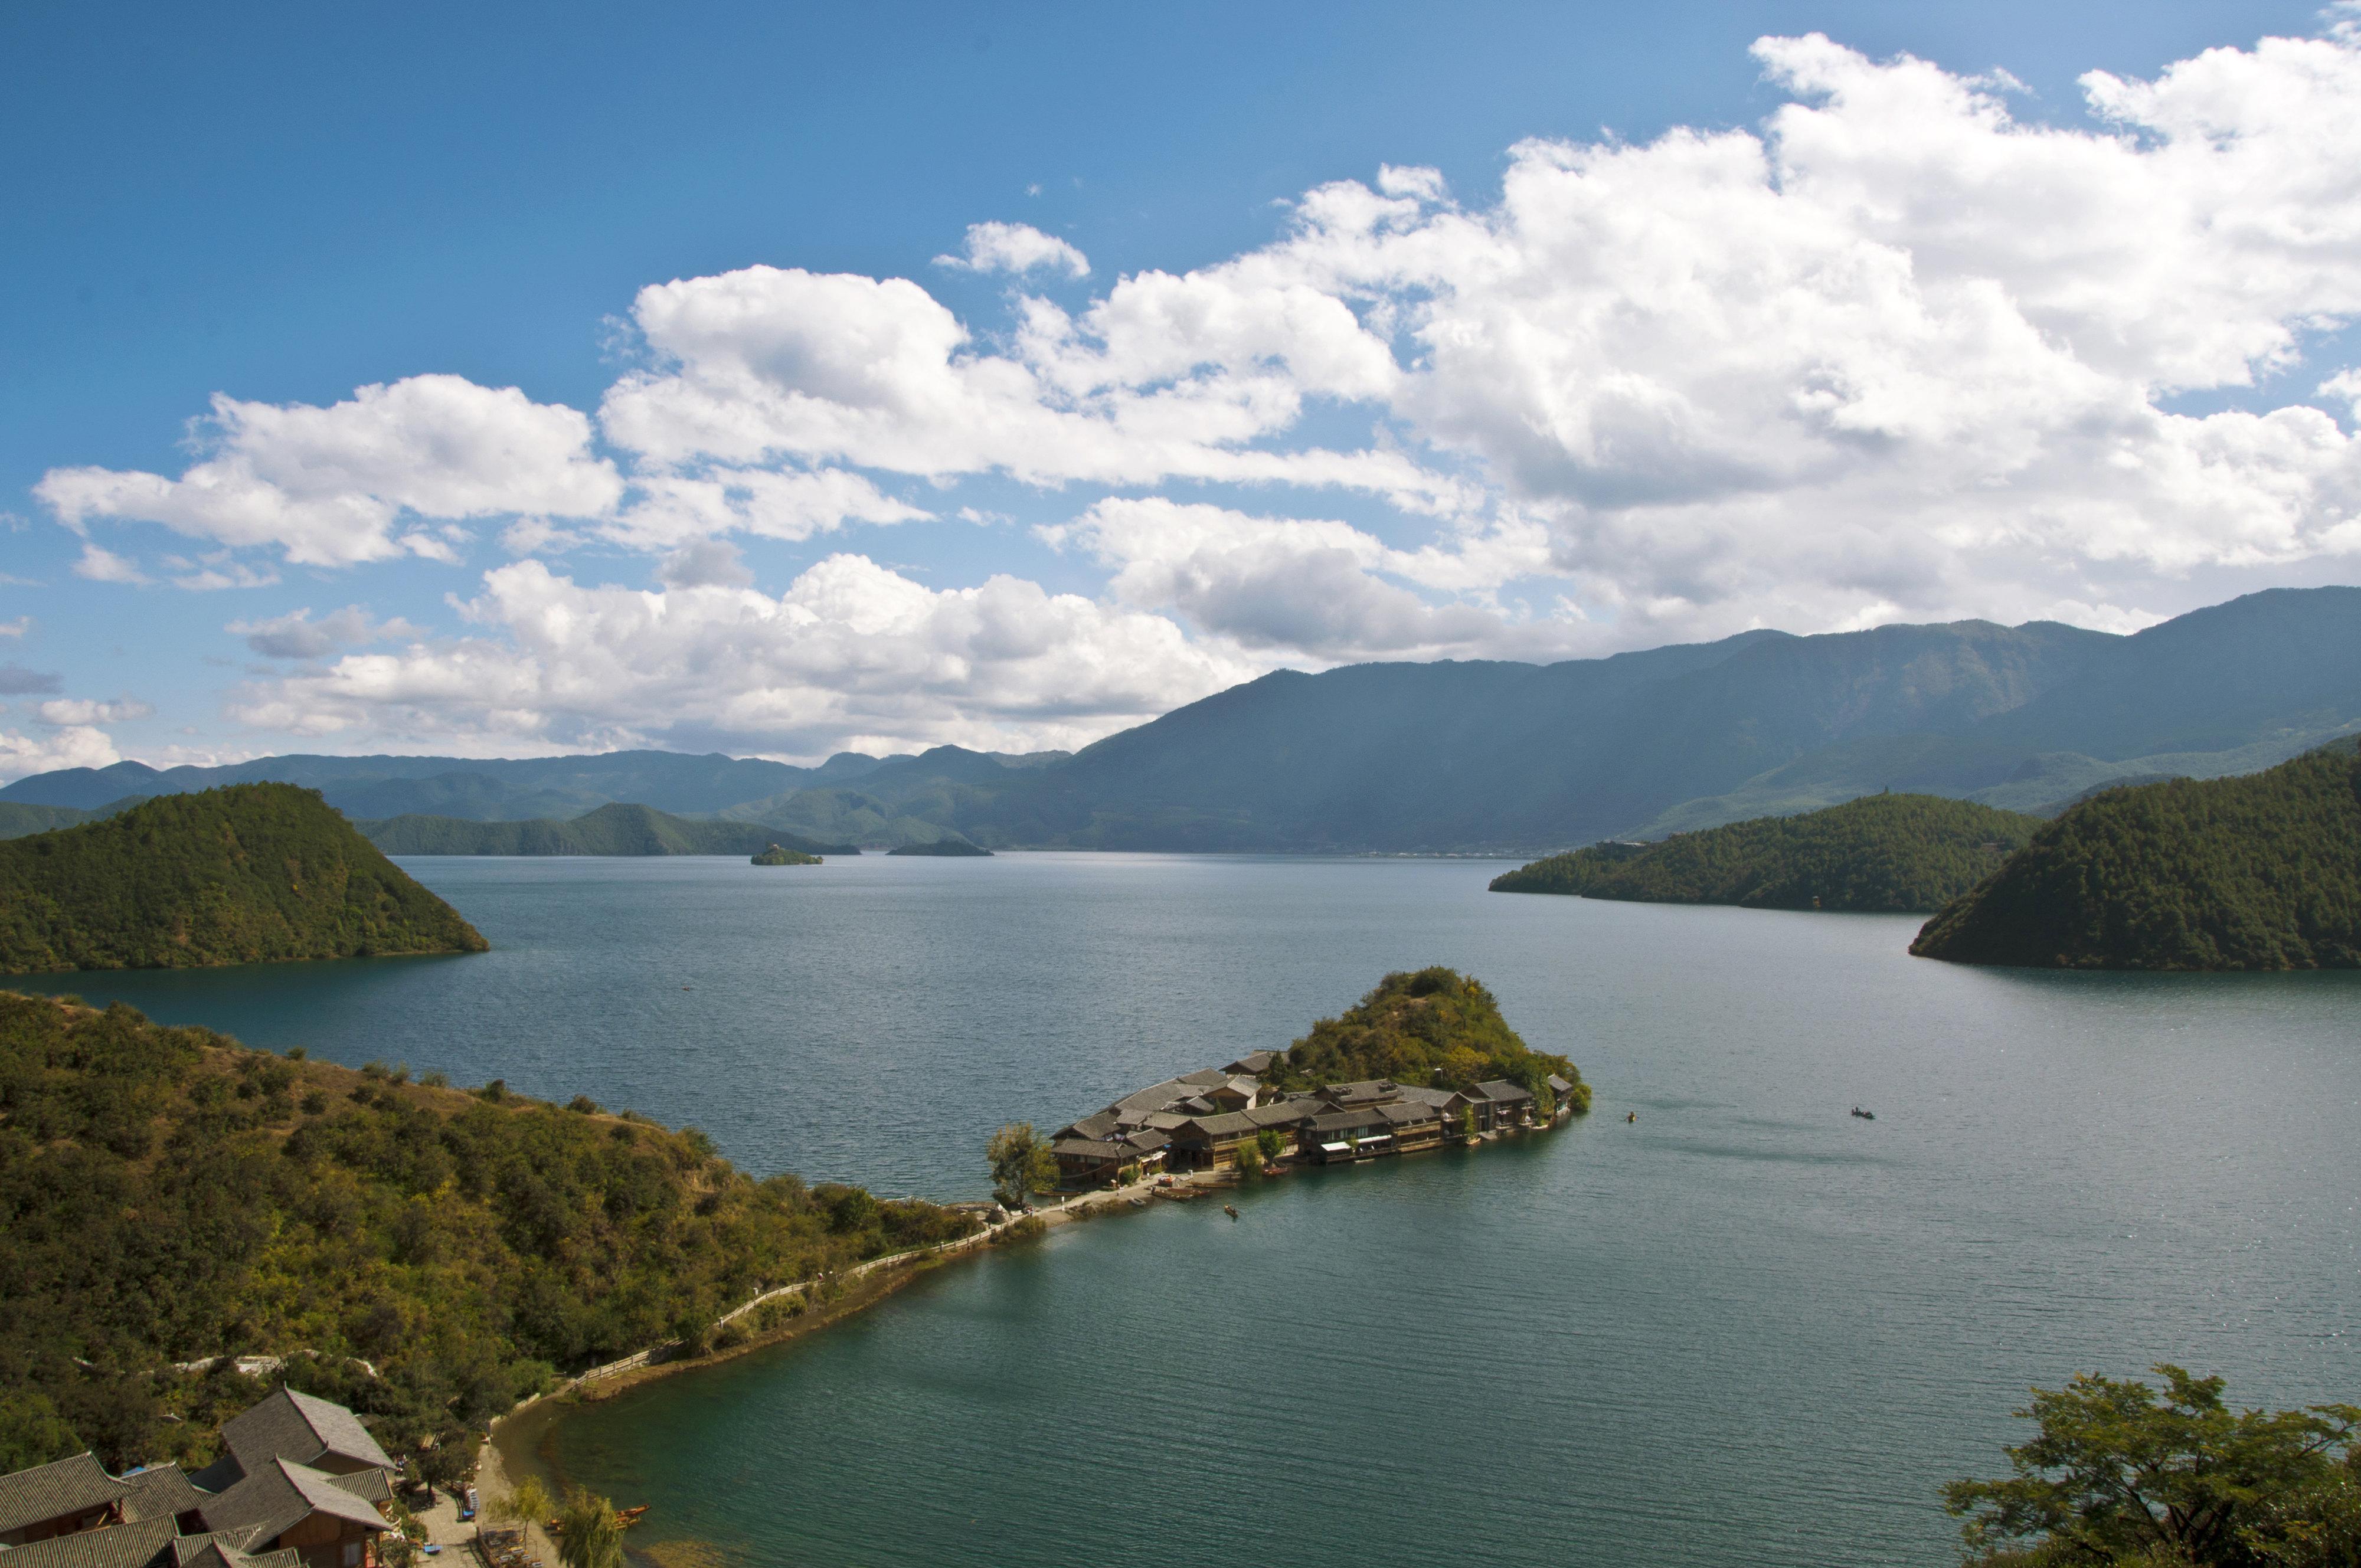 Lugu Lake Viewing Platform